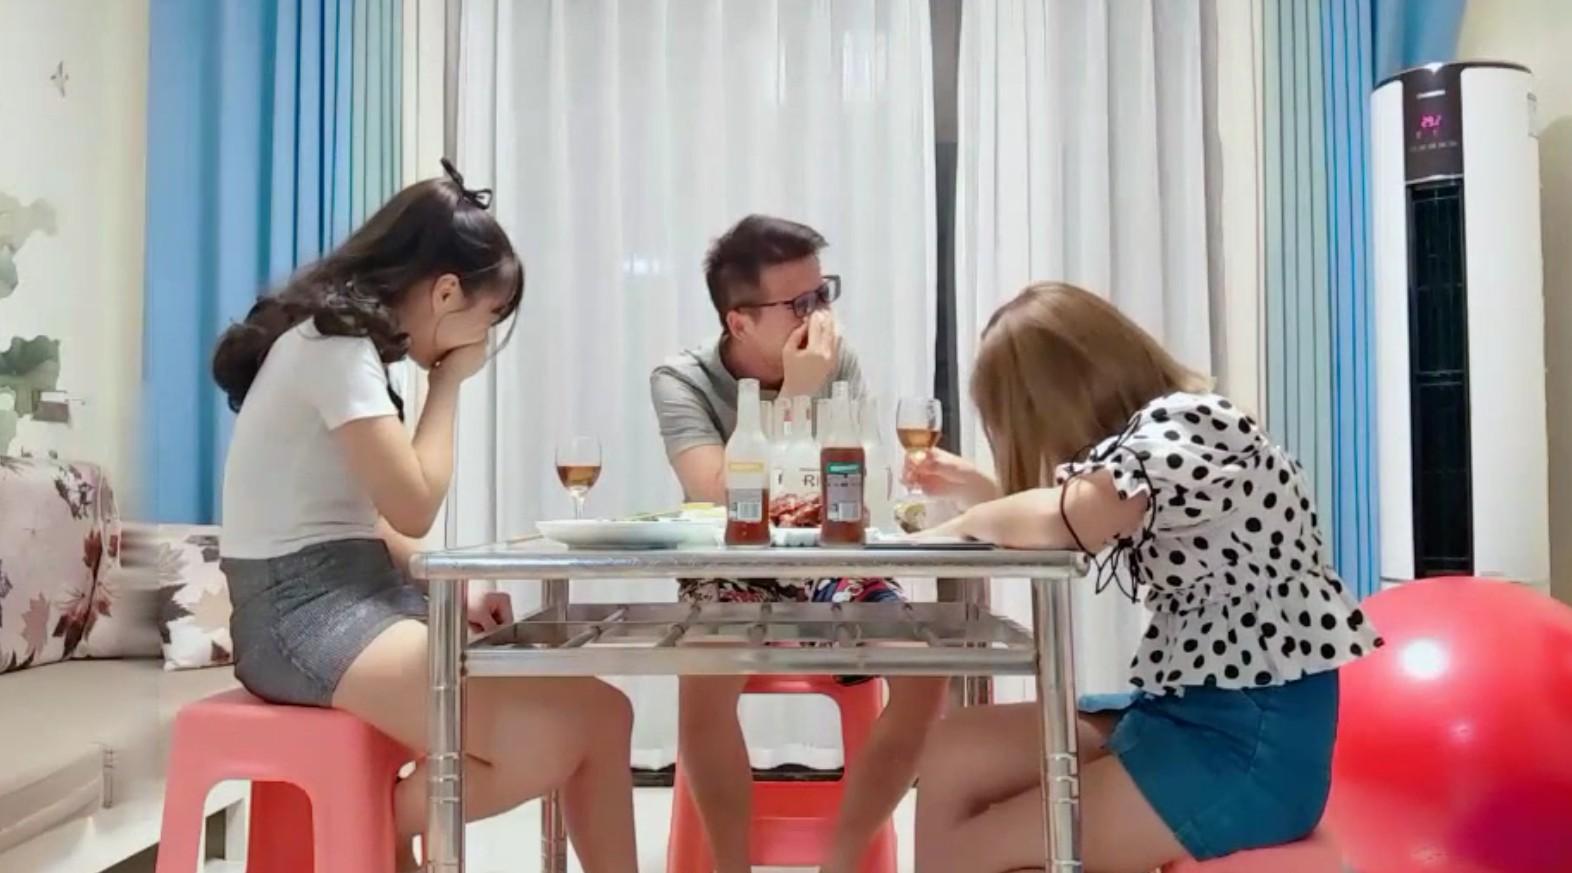 小哥剧情演绎吃饭灌醉两个妹子_放在坐子上后入啪啪再放到沙发上猛干